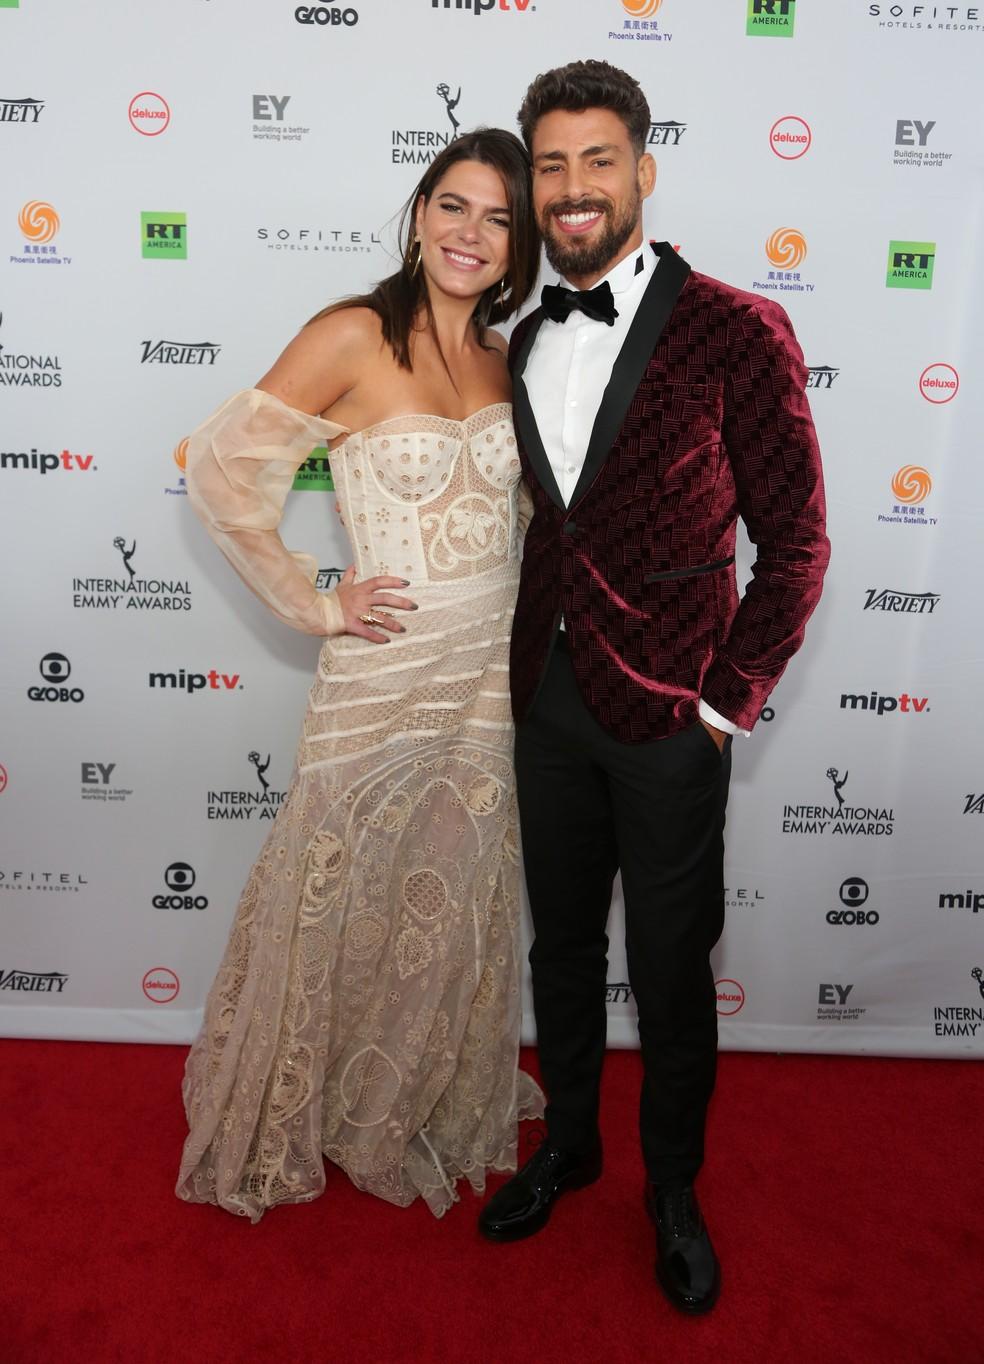 Cauã Reymond foi acompanhado da namorada, a modelo Mariana Goldfarb: casal puro estilo! (Foto: Globo/ Luiz C. Ribeiro)